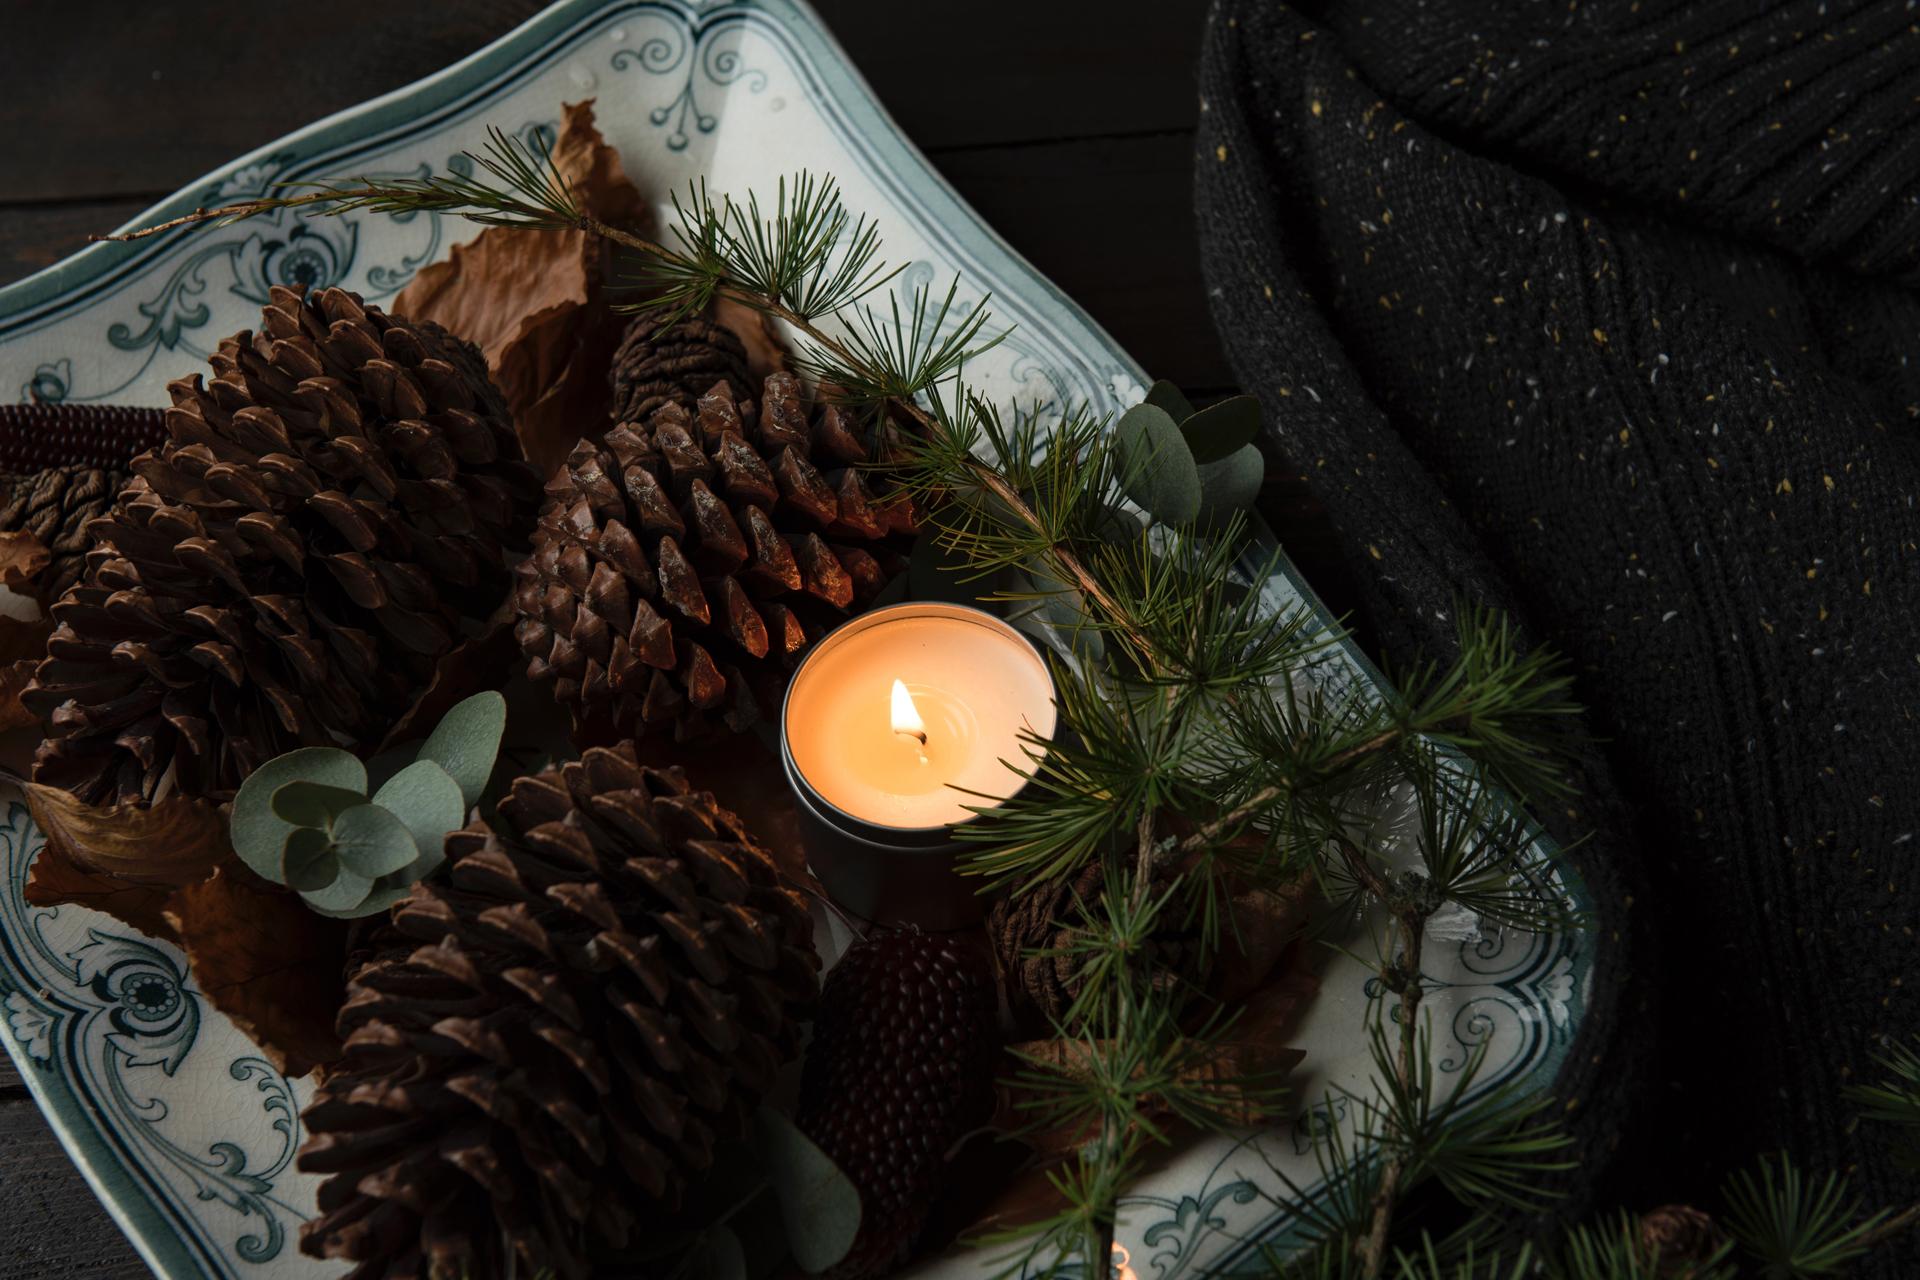 tipps und tricks weihnachten ohne plastik. Black Bedroom Furniture Sets. Home Design Ideas